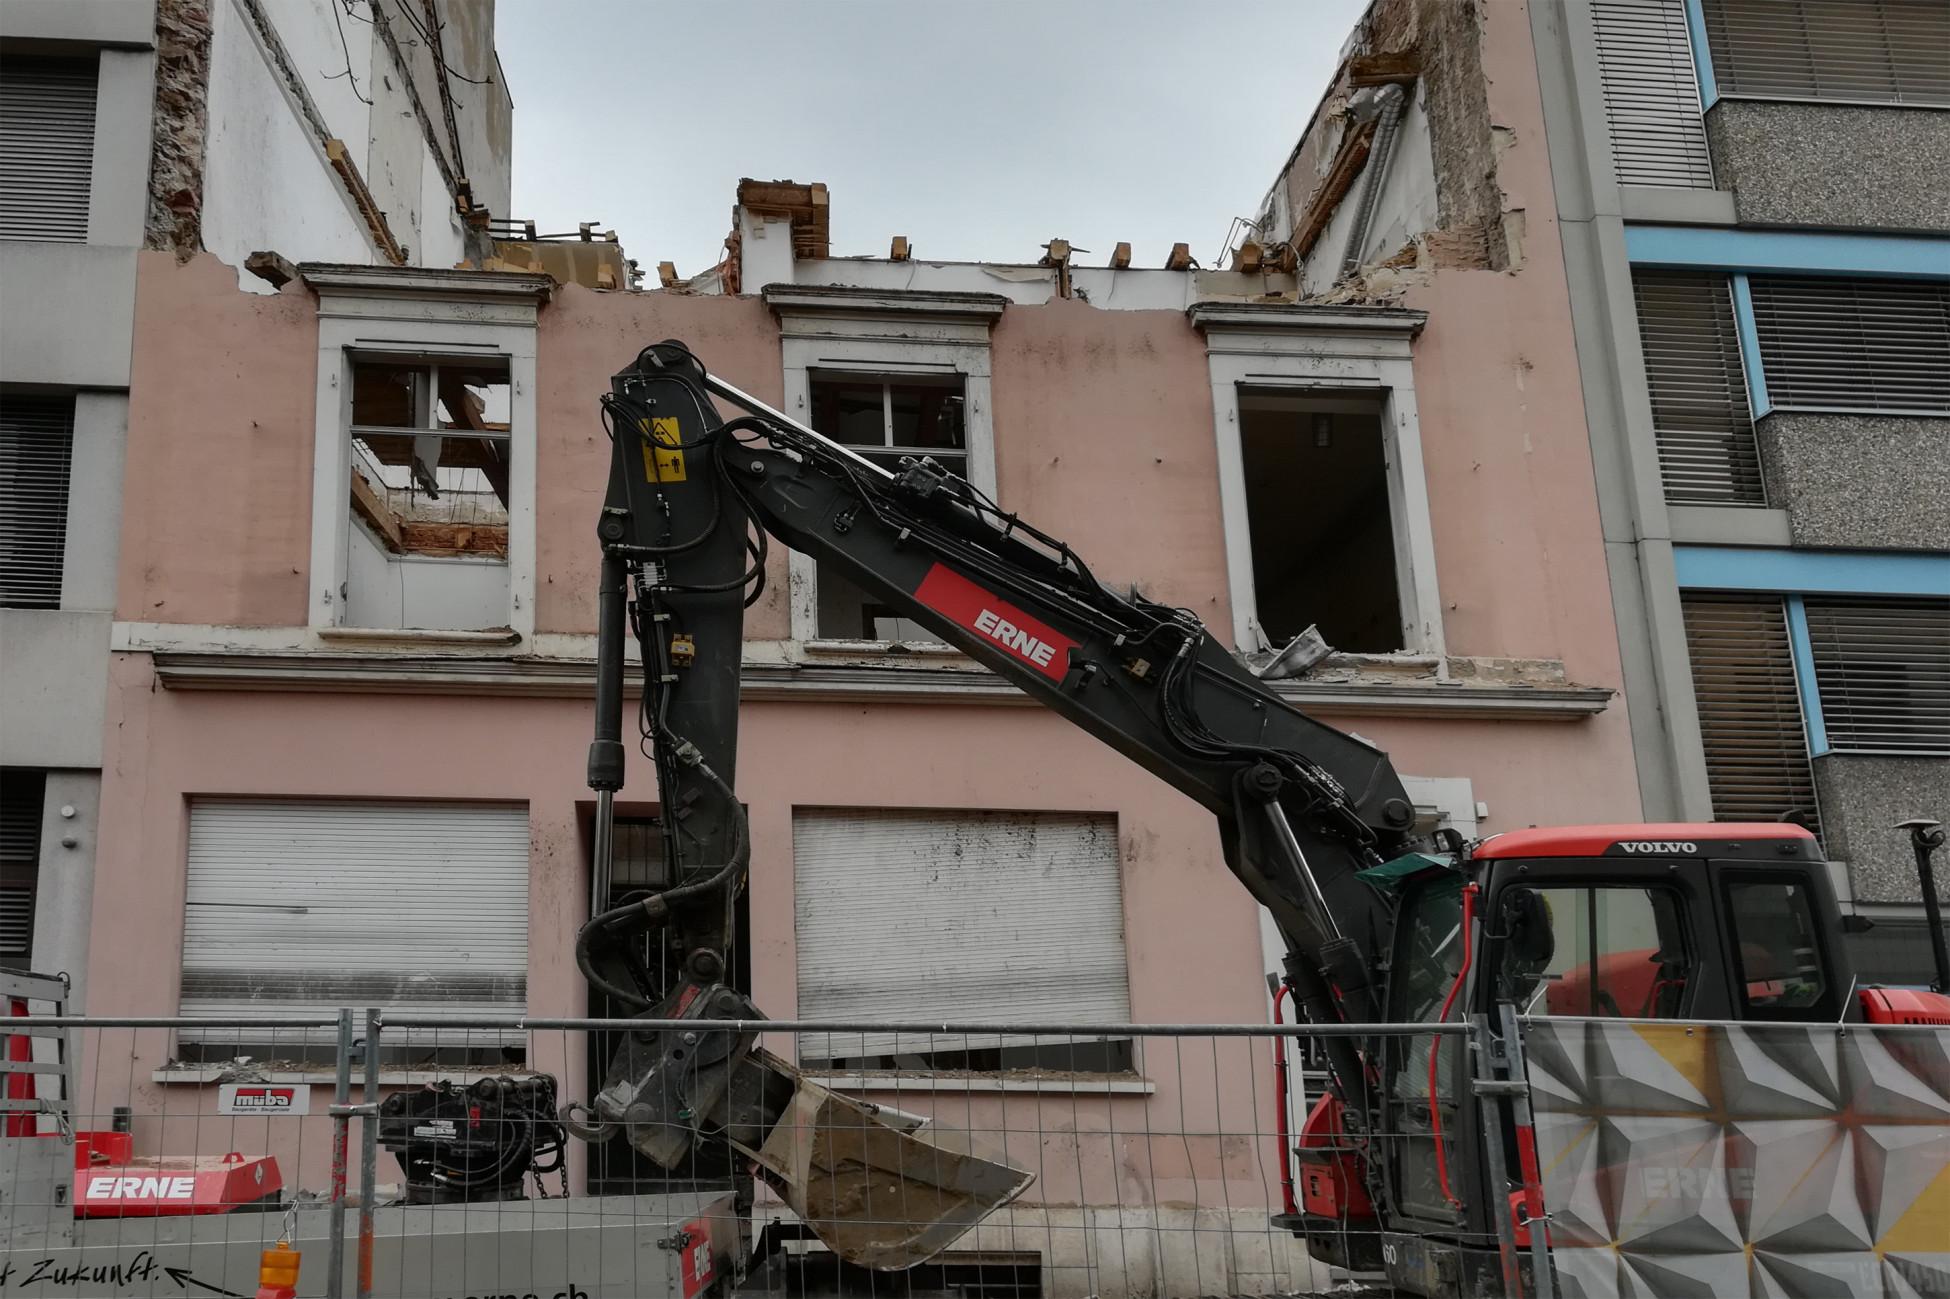 Rückbau Gebäude Nr. 27 mit dem Abbruchbagger